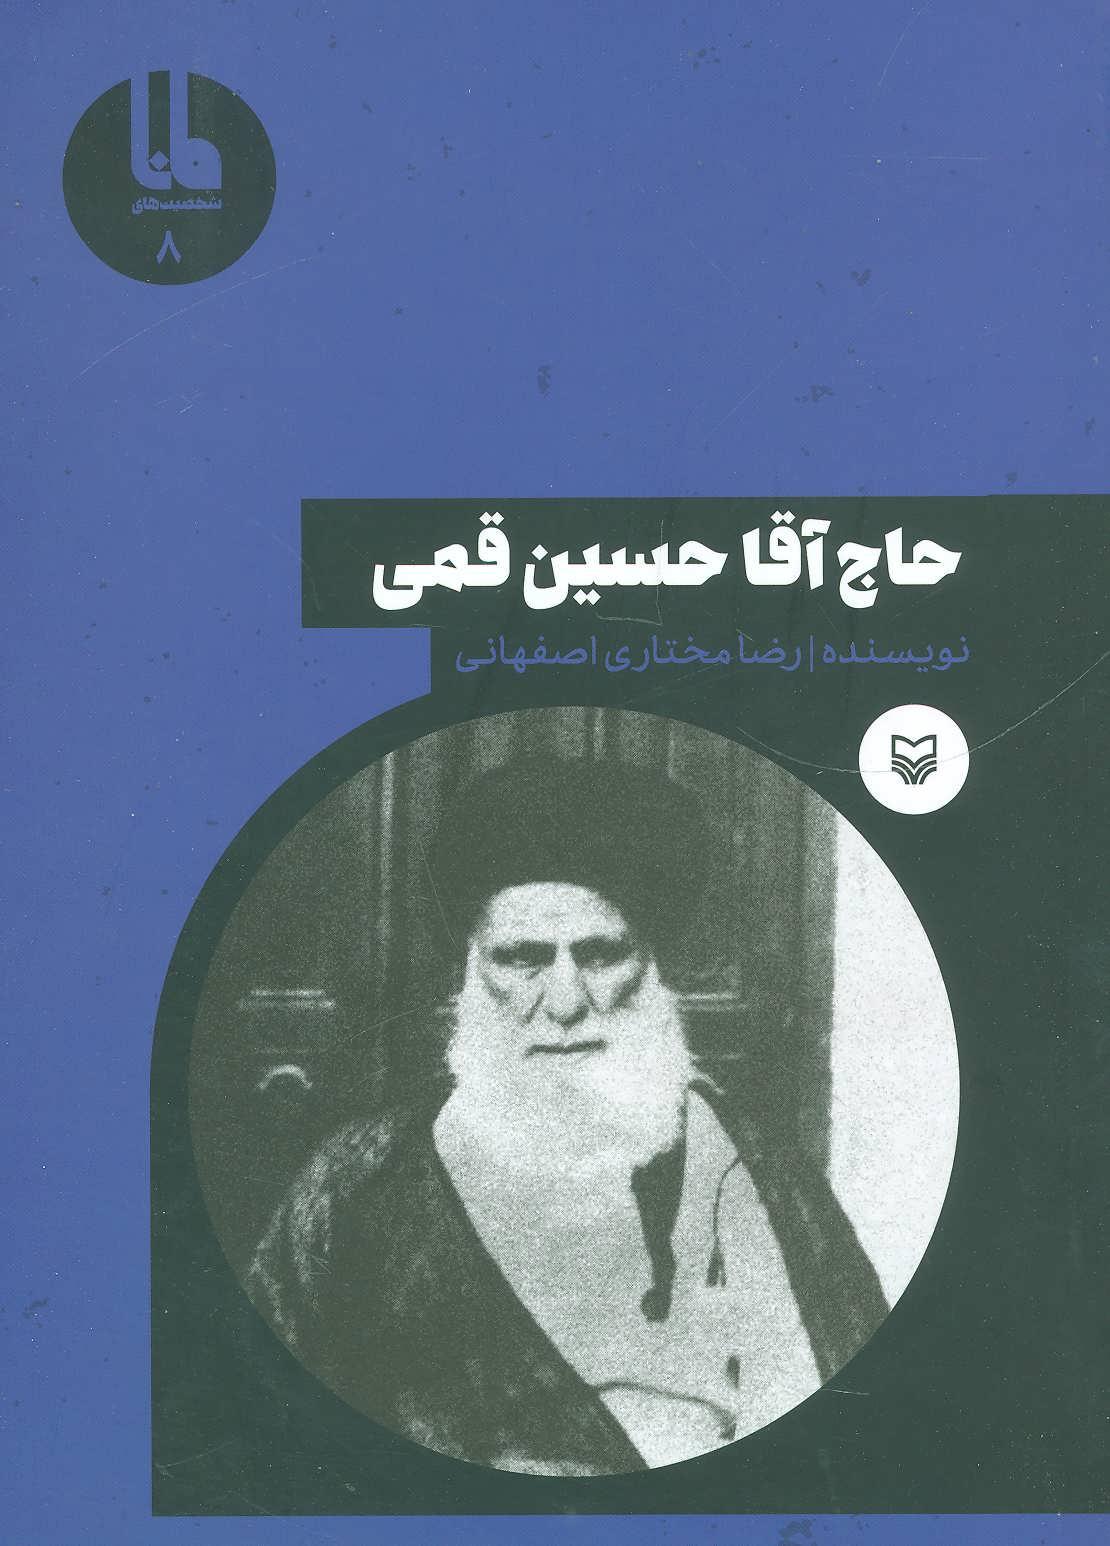 کتاب حاج آقا حسین قمی